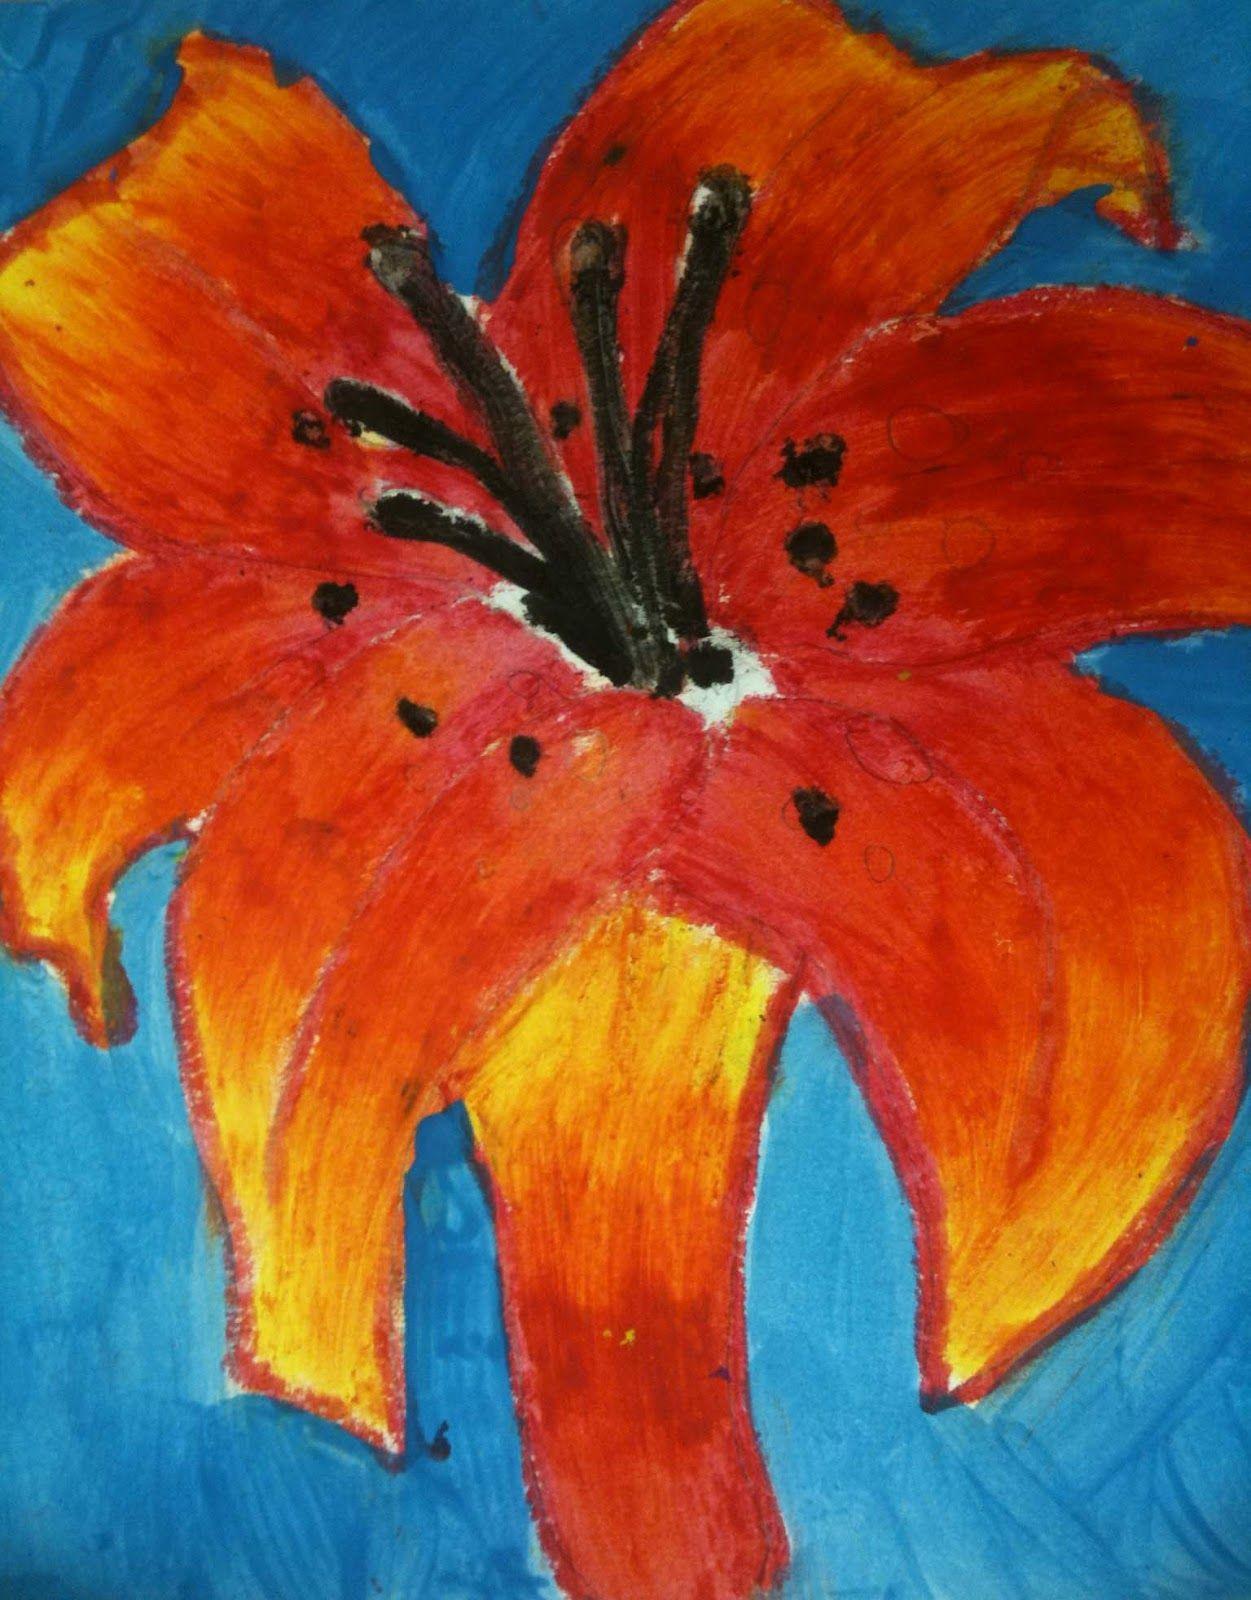 The Helpful Art Teacher: A Garden Of Flowers, Blending Colors Using Oil  Pastels